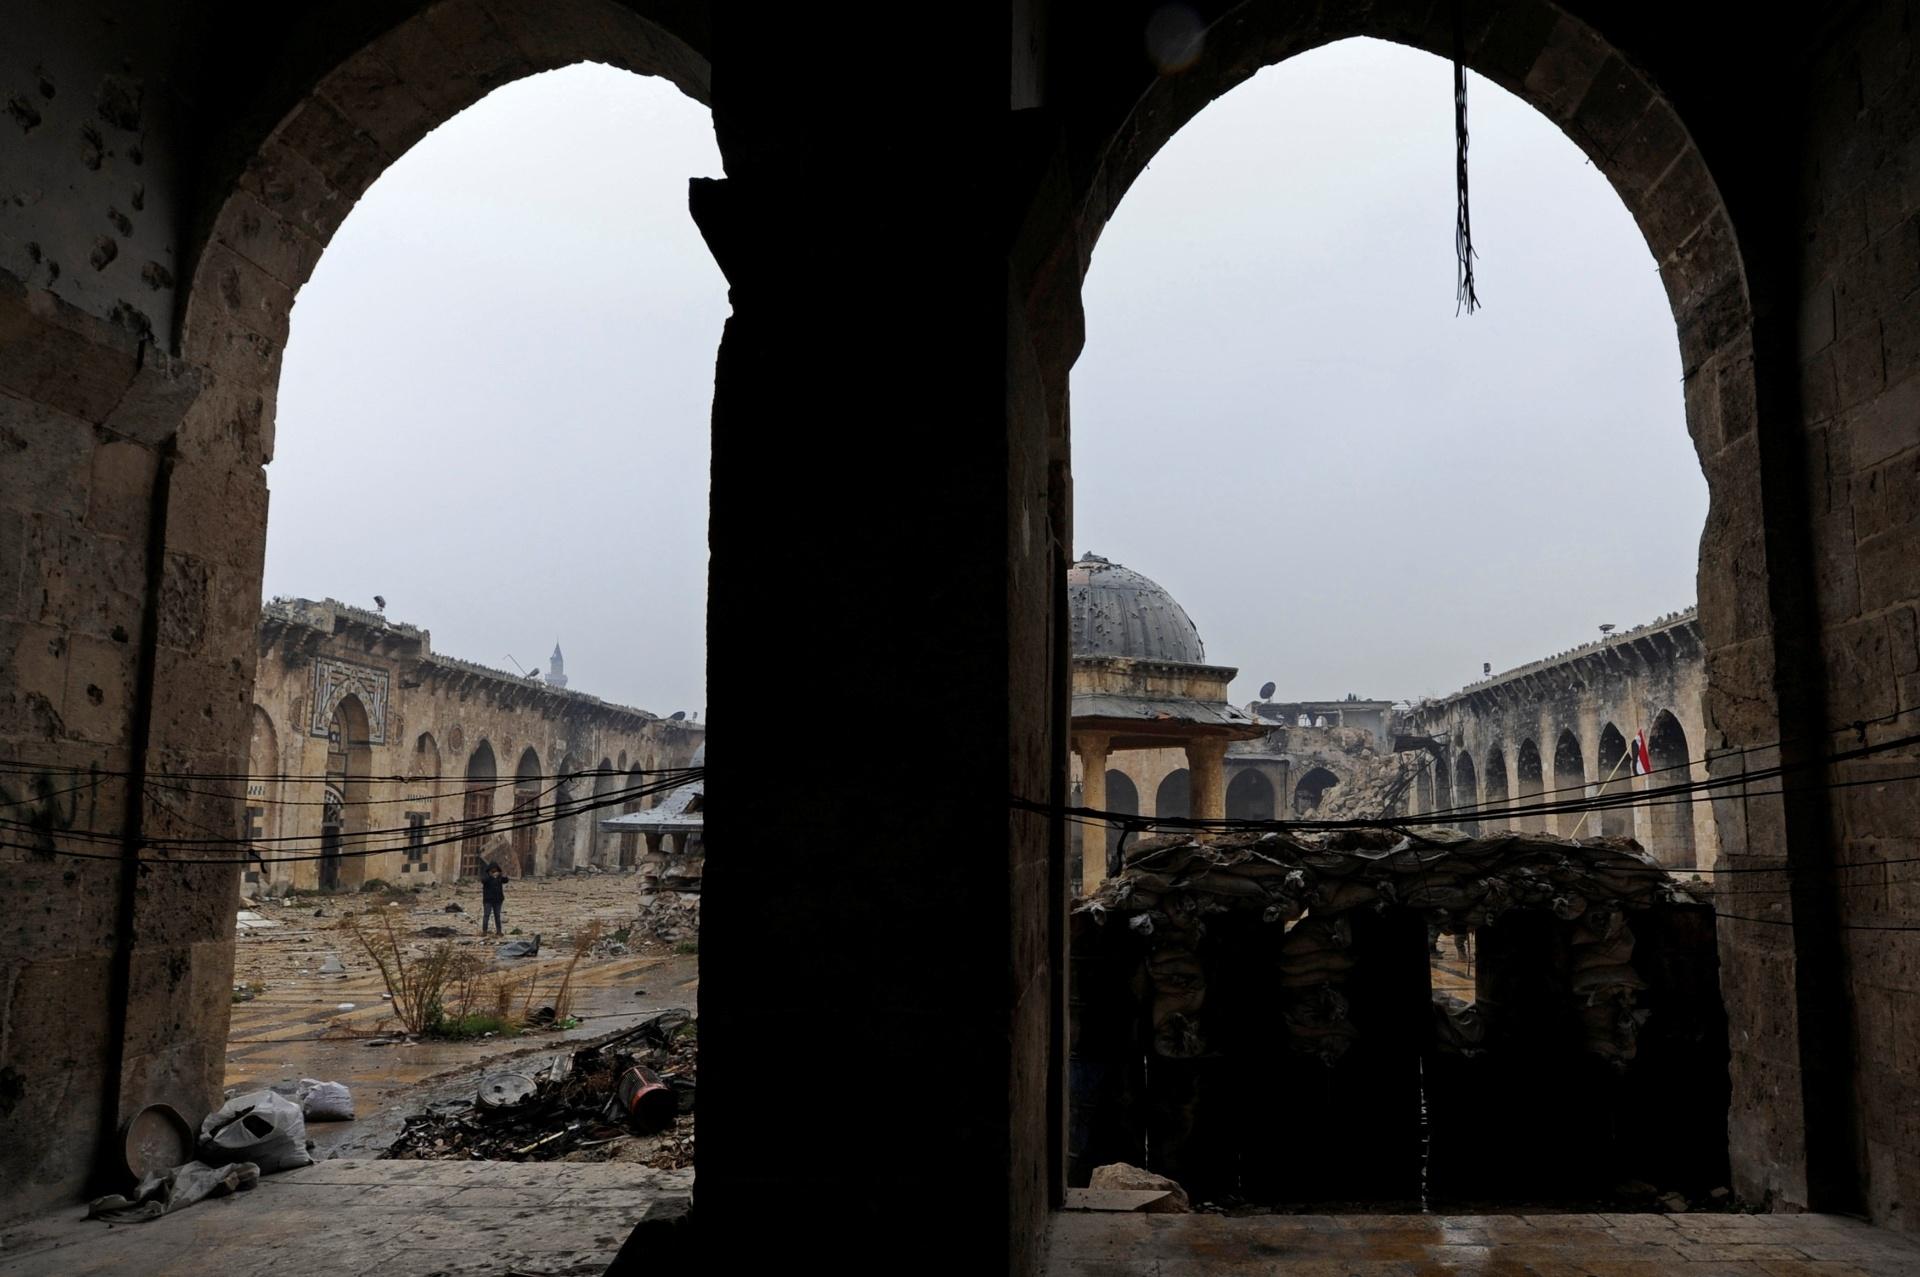 22.dez.2016 - A mesquita de Umayyad, em Aleppo, na Síria, foi destruída. A cidade já passou por diversas destruições antes da guerra: foi danificada pela invasão mongol em 1260, chegou a ser usada como quartel para tropas otomanas e sofreu grandes danos com um terremoto em 1822